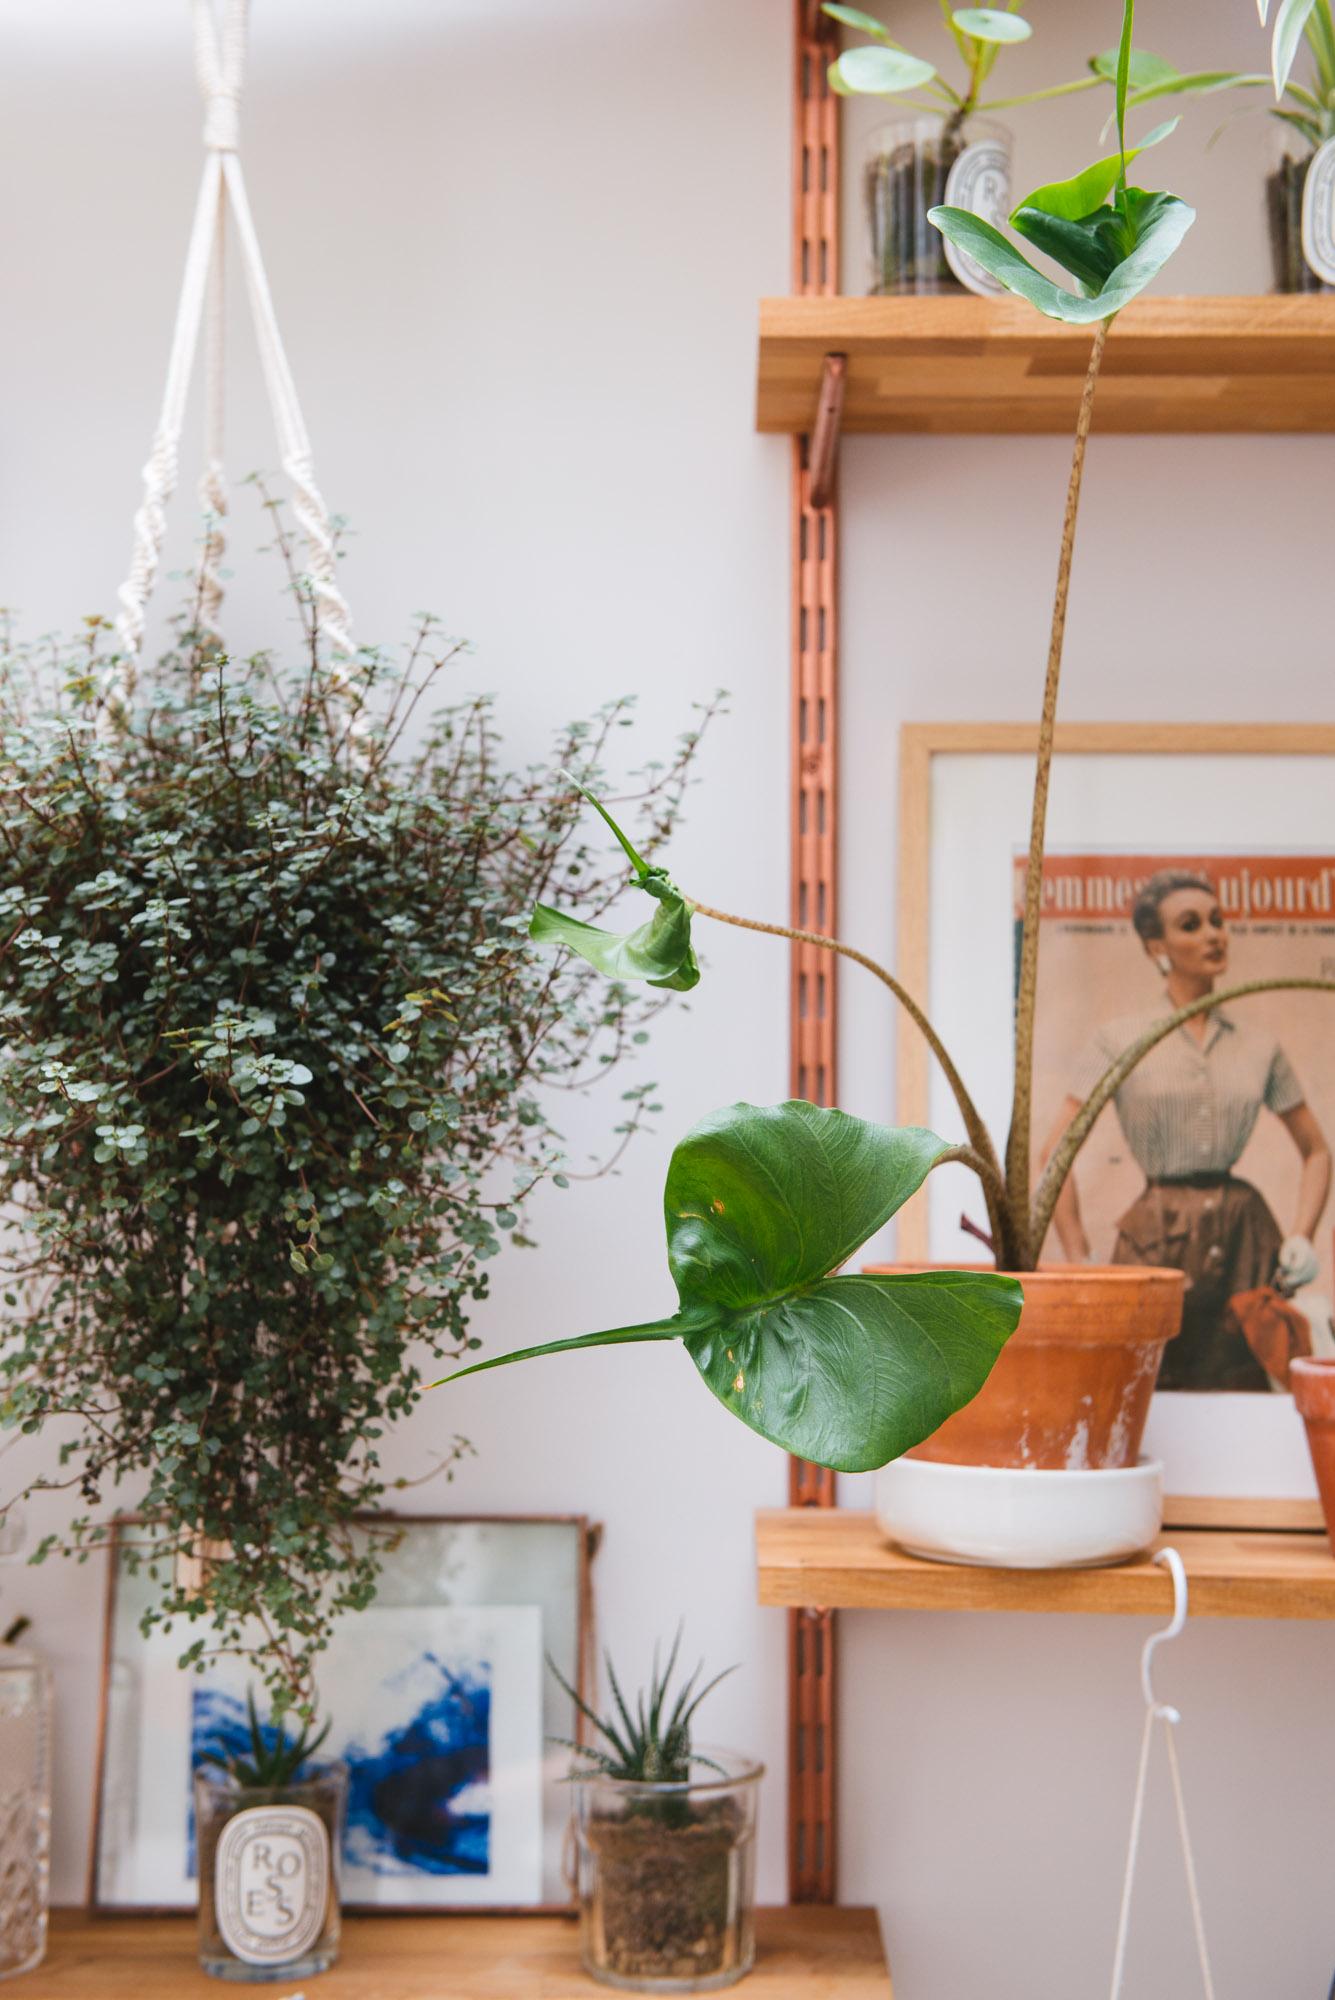 alocasia stingray plantes vertes macramé décoration végétale